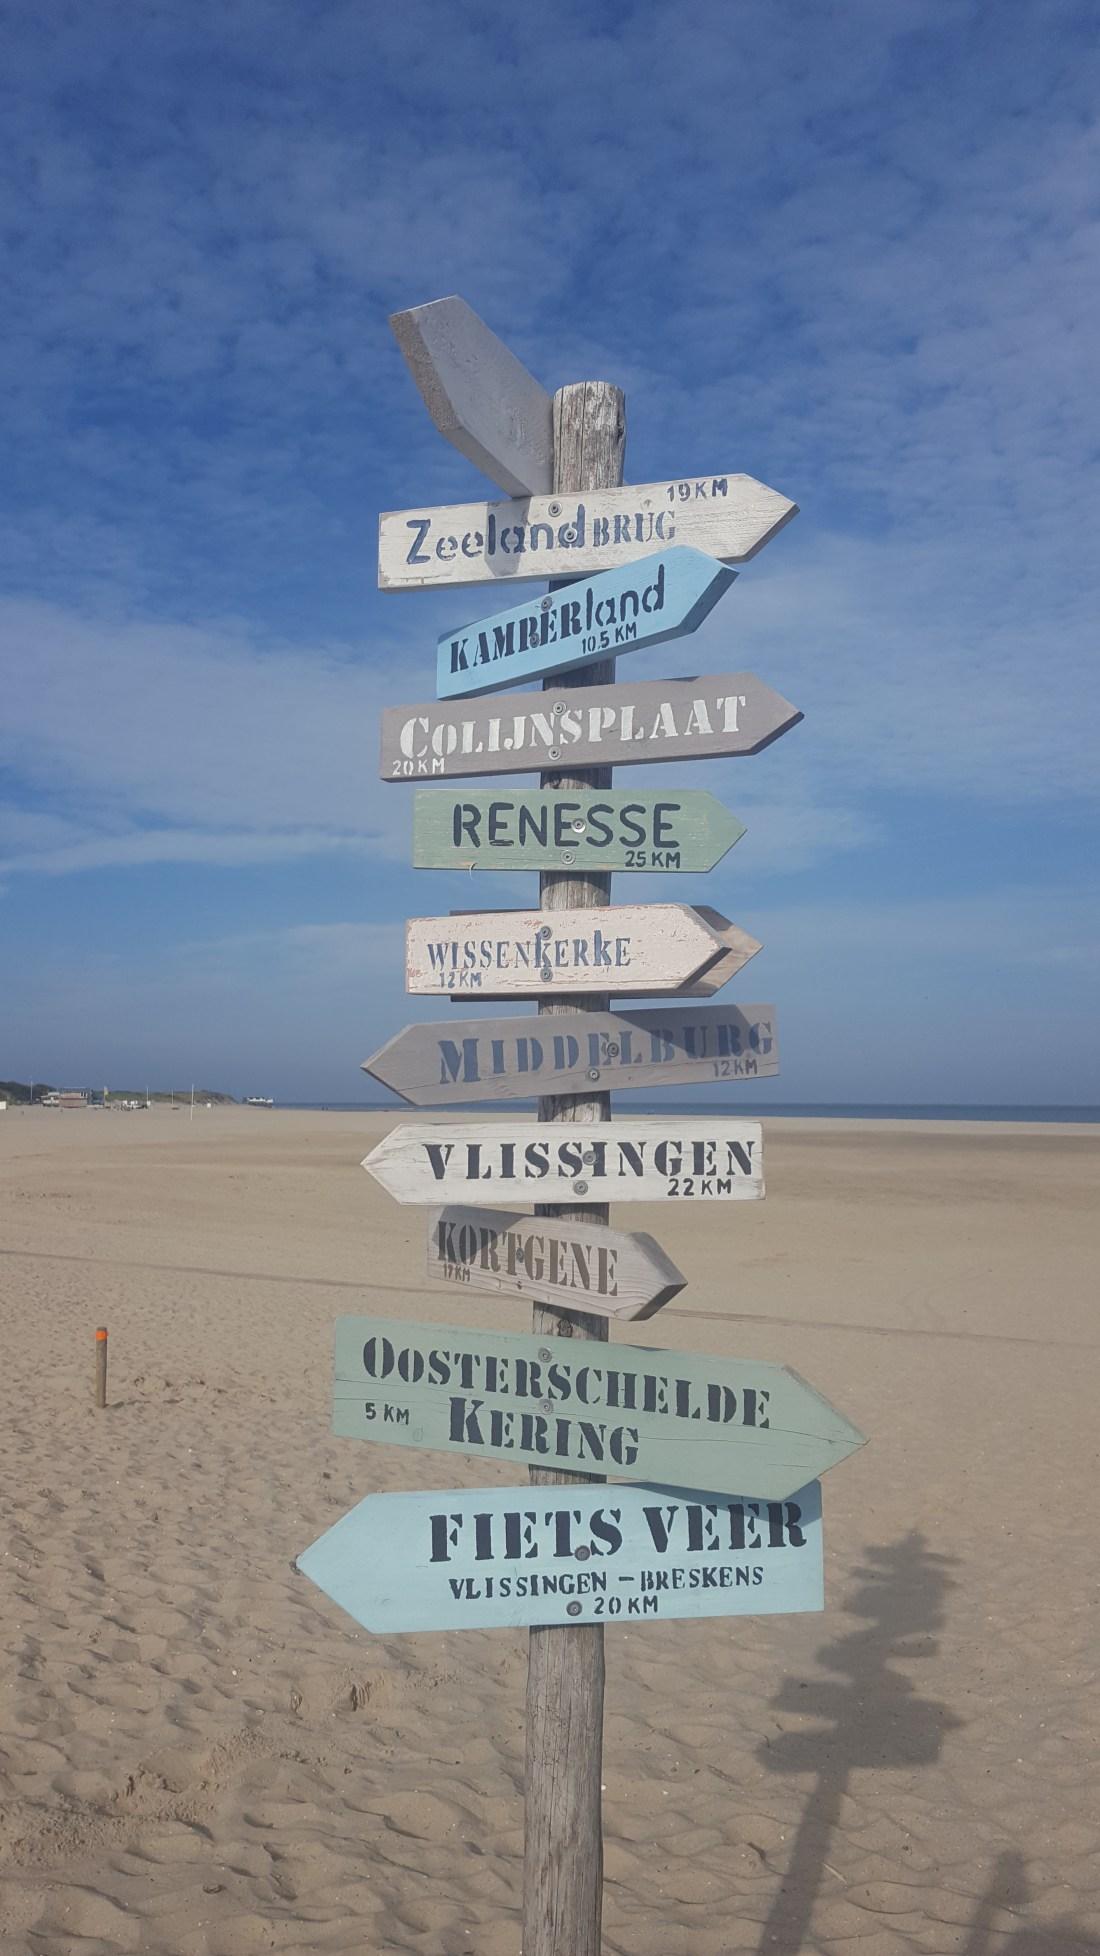 zeeland_nordsee-urlaub_reise-blog_frankfurt_oceanblue-style (3)